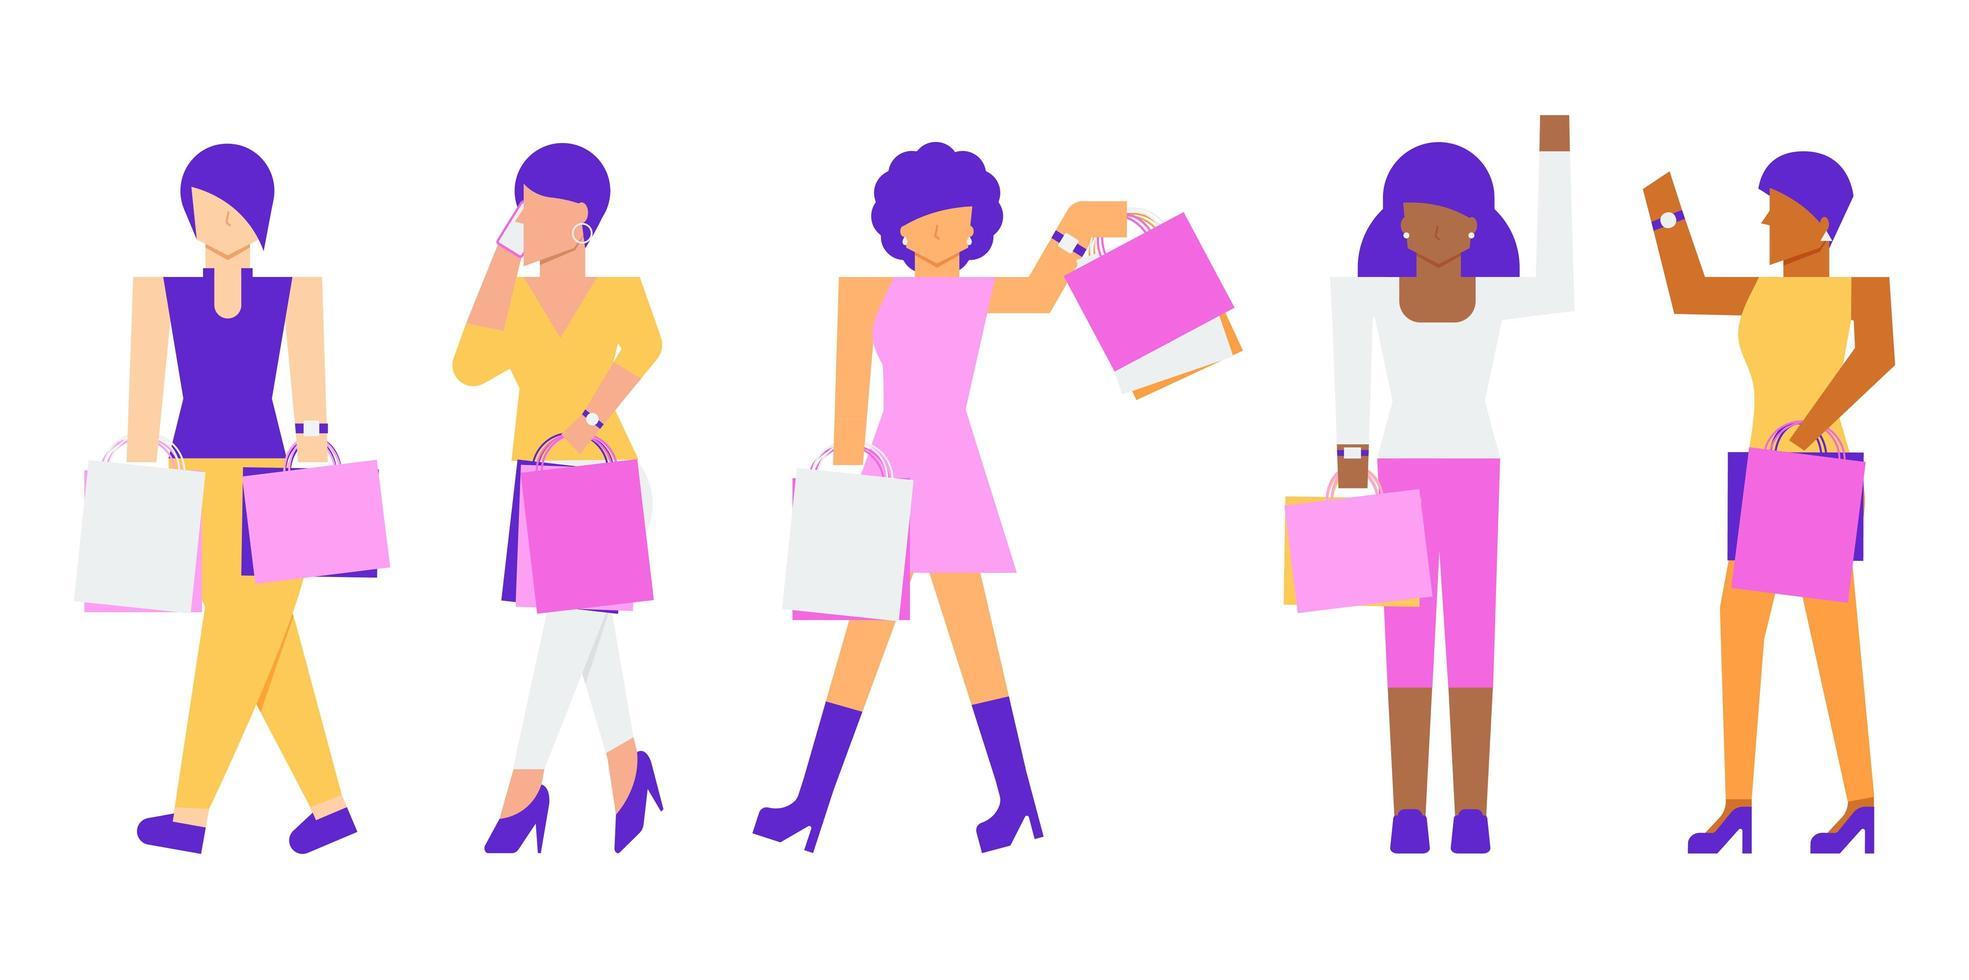 vrouw tekens winkelen vector